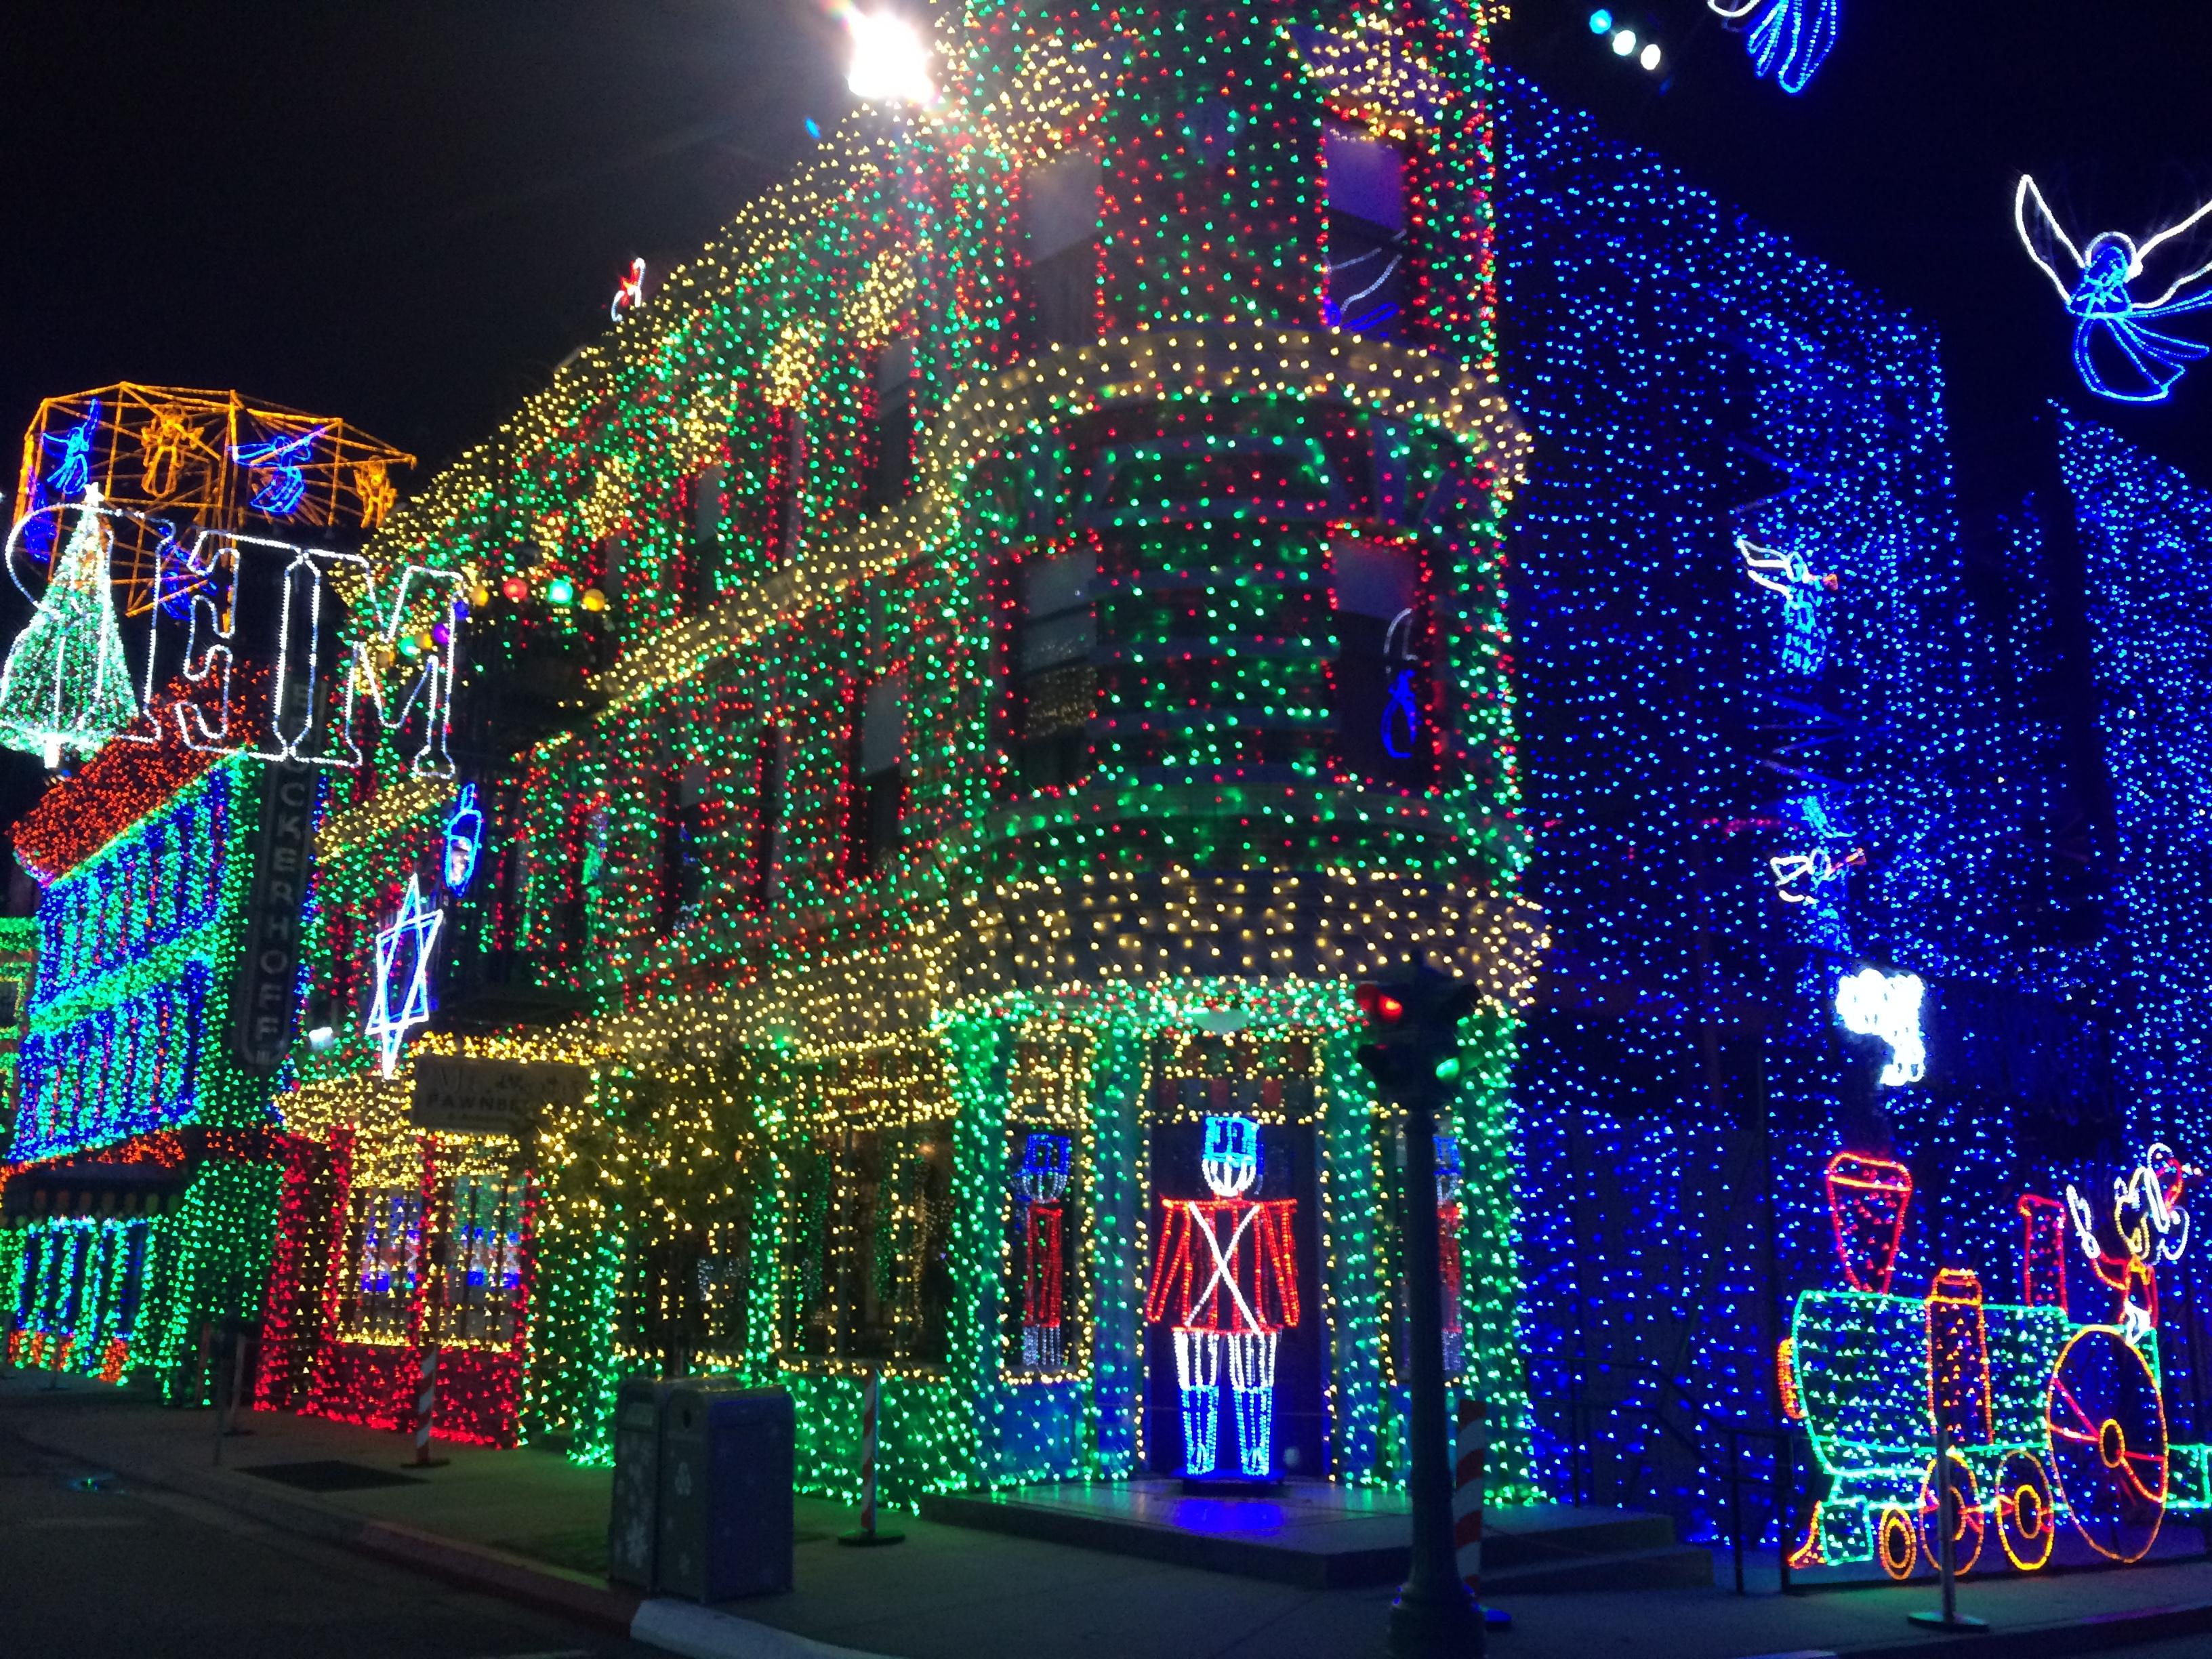 fileosborne family spectacle of dancing lights 26578956400jpg - Osborne Family Christmas Lights